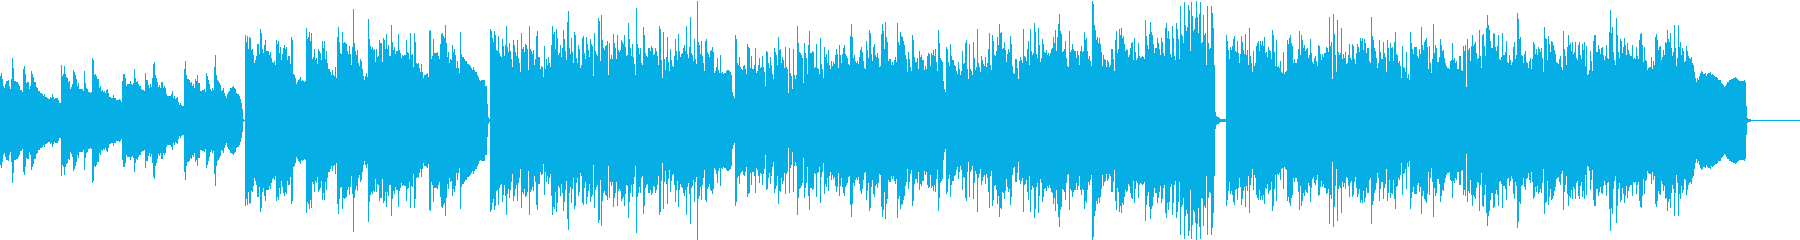 インディーズ/アメリカーナのアコー...の再生済みの波形